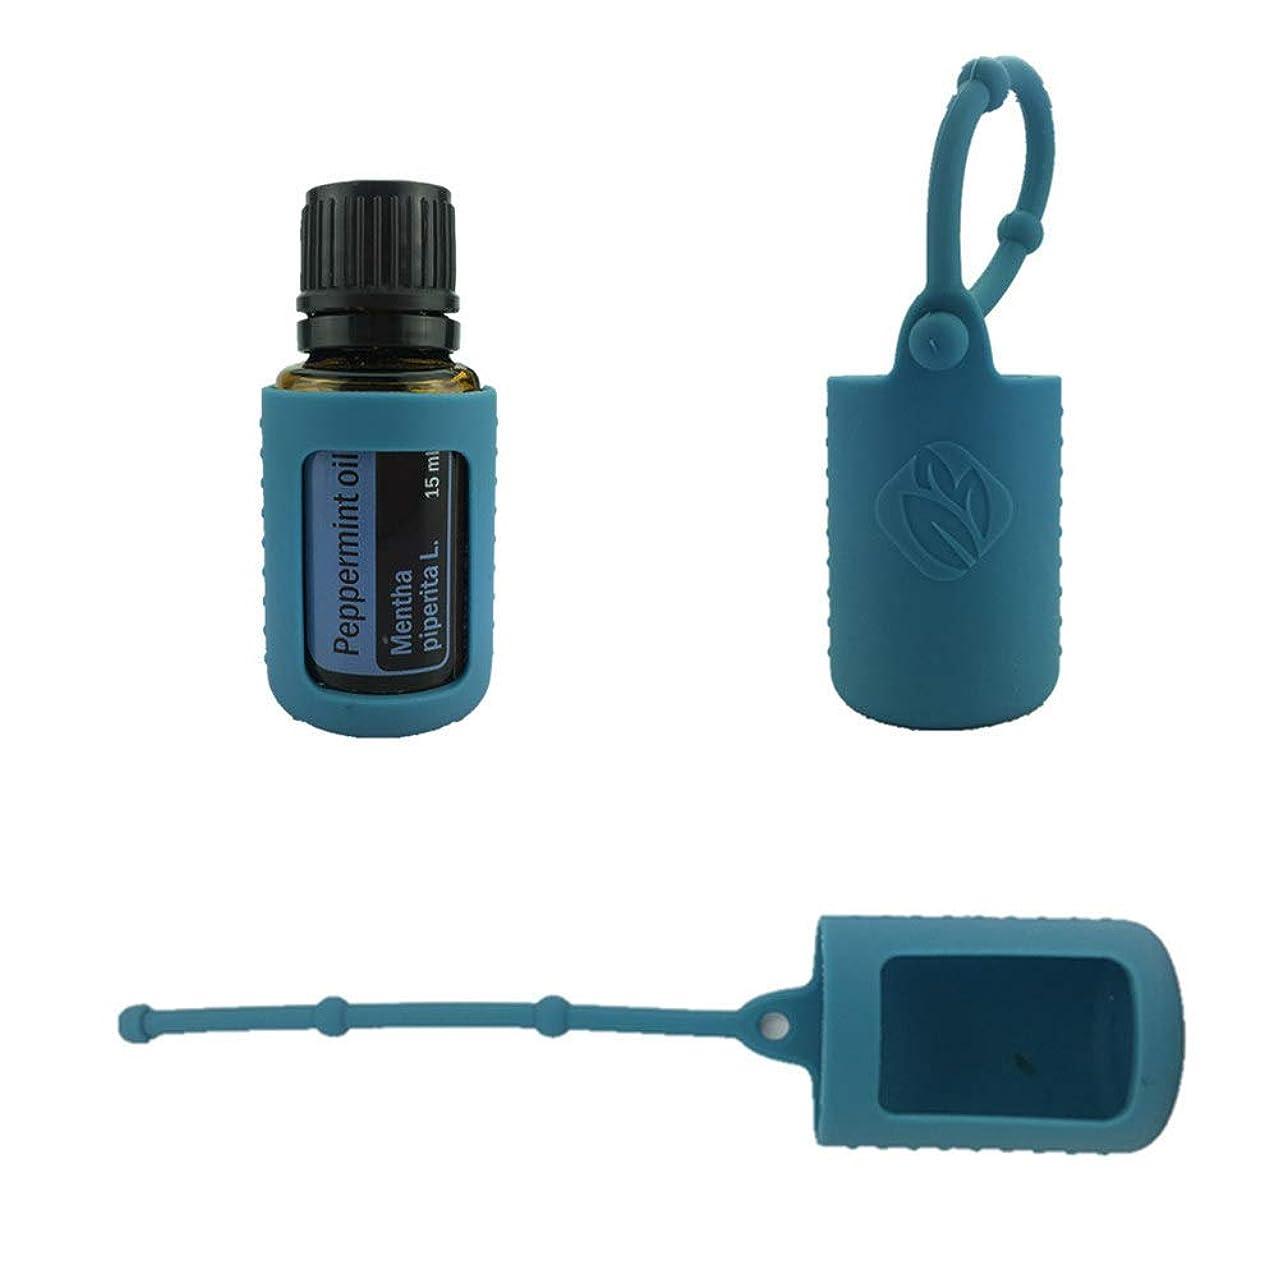 必要とする差実行する6パック熱望オイルボトルシリコンローラーボトルホルダースリーブエッセンシャルオイルボトル保護カバーケースハングロープ - ダンク ブルー - 6-pcs 5ml